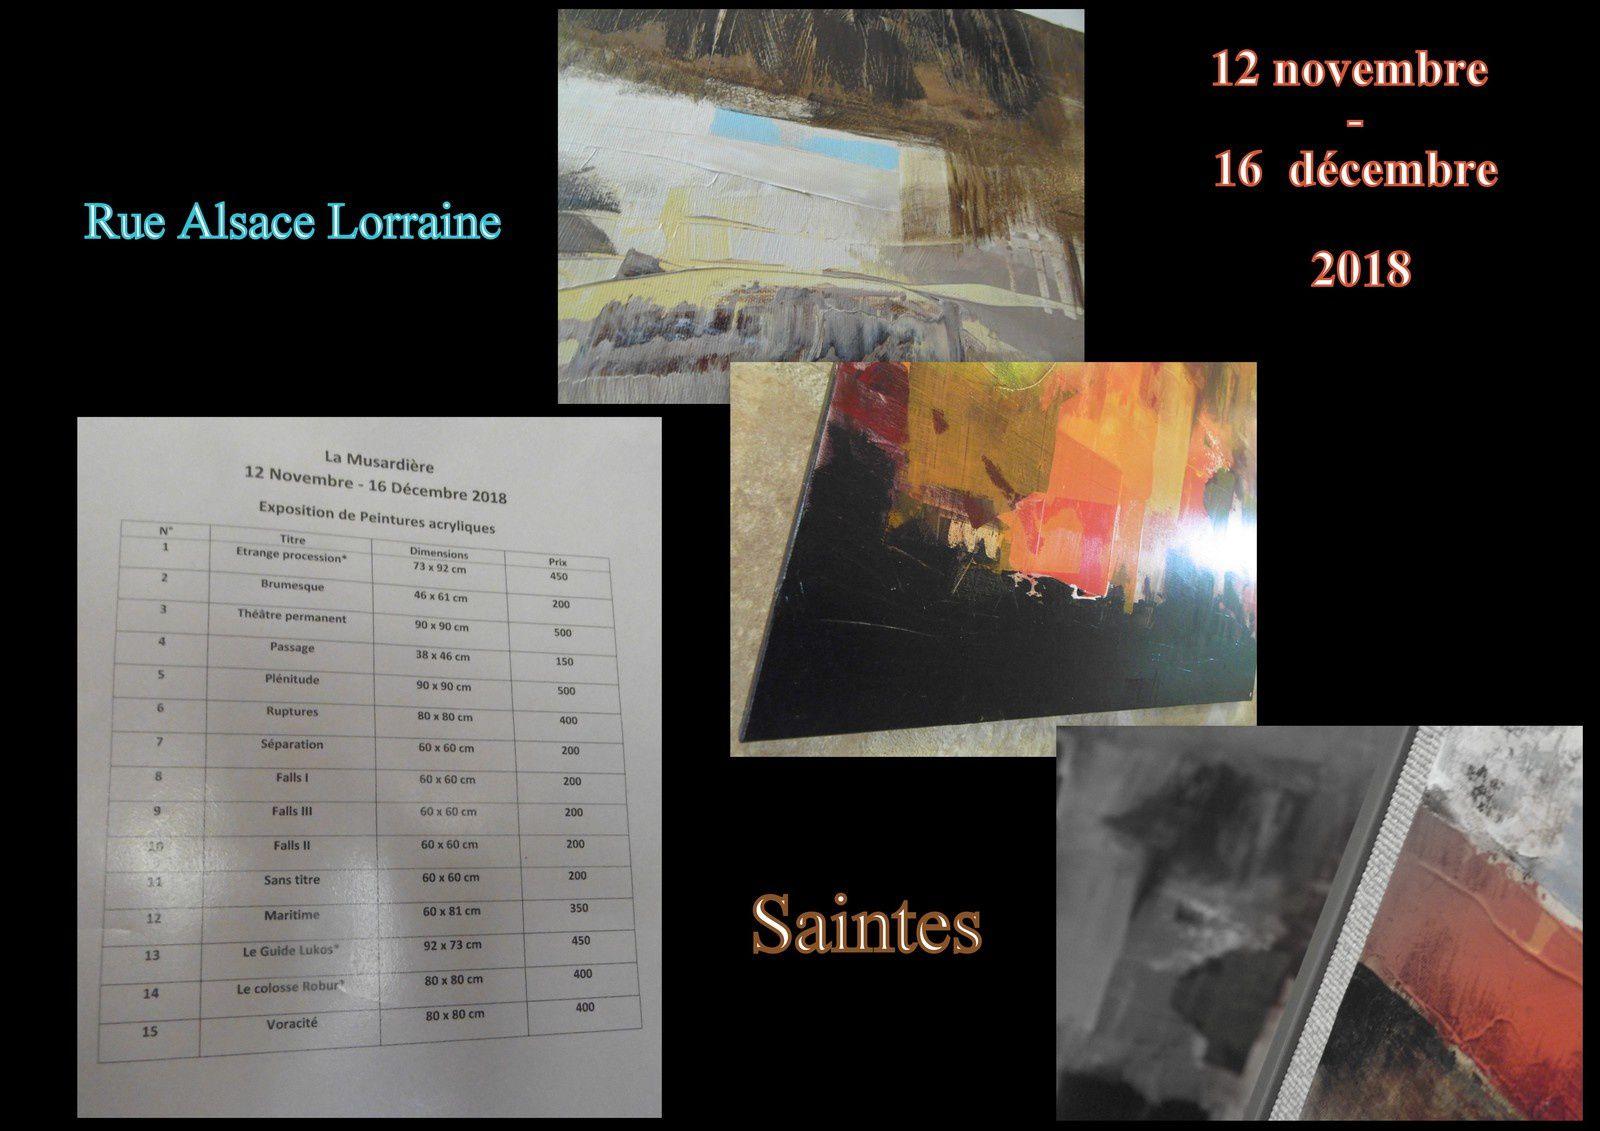 22 - Avocats robes ou gilets noirs  Catherine Blouin et peintures .. La Musardière